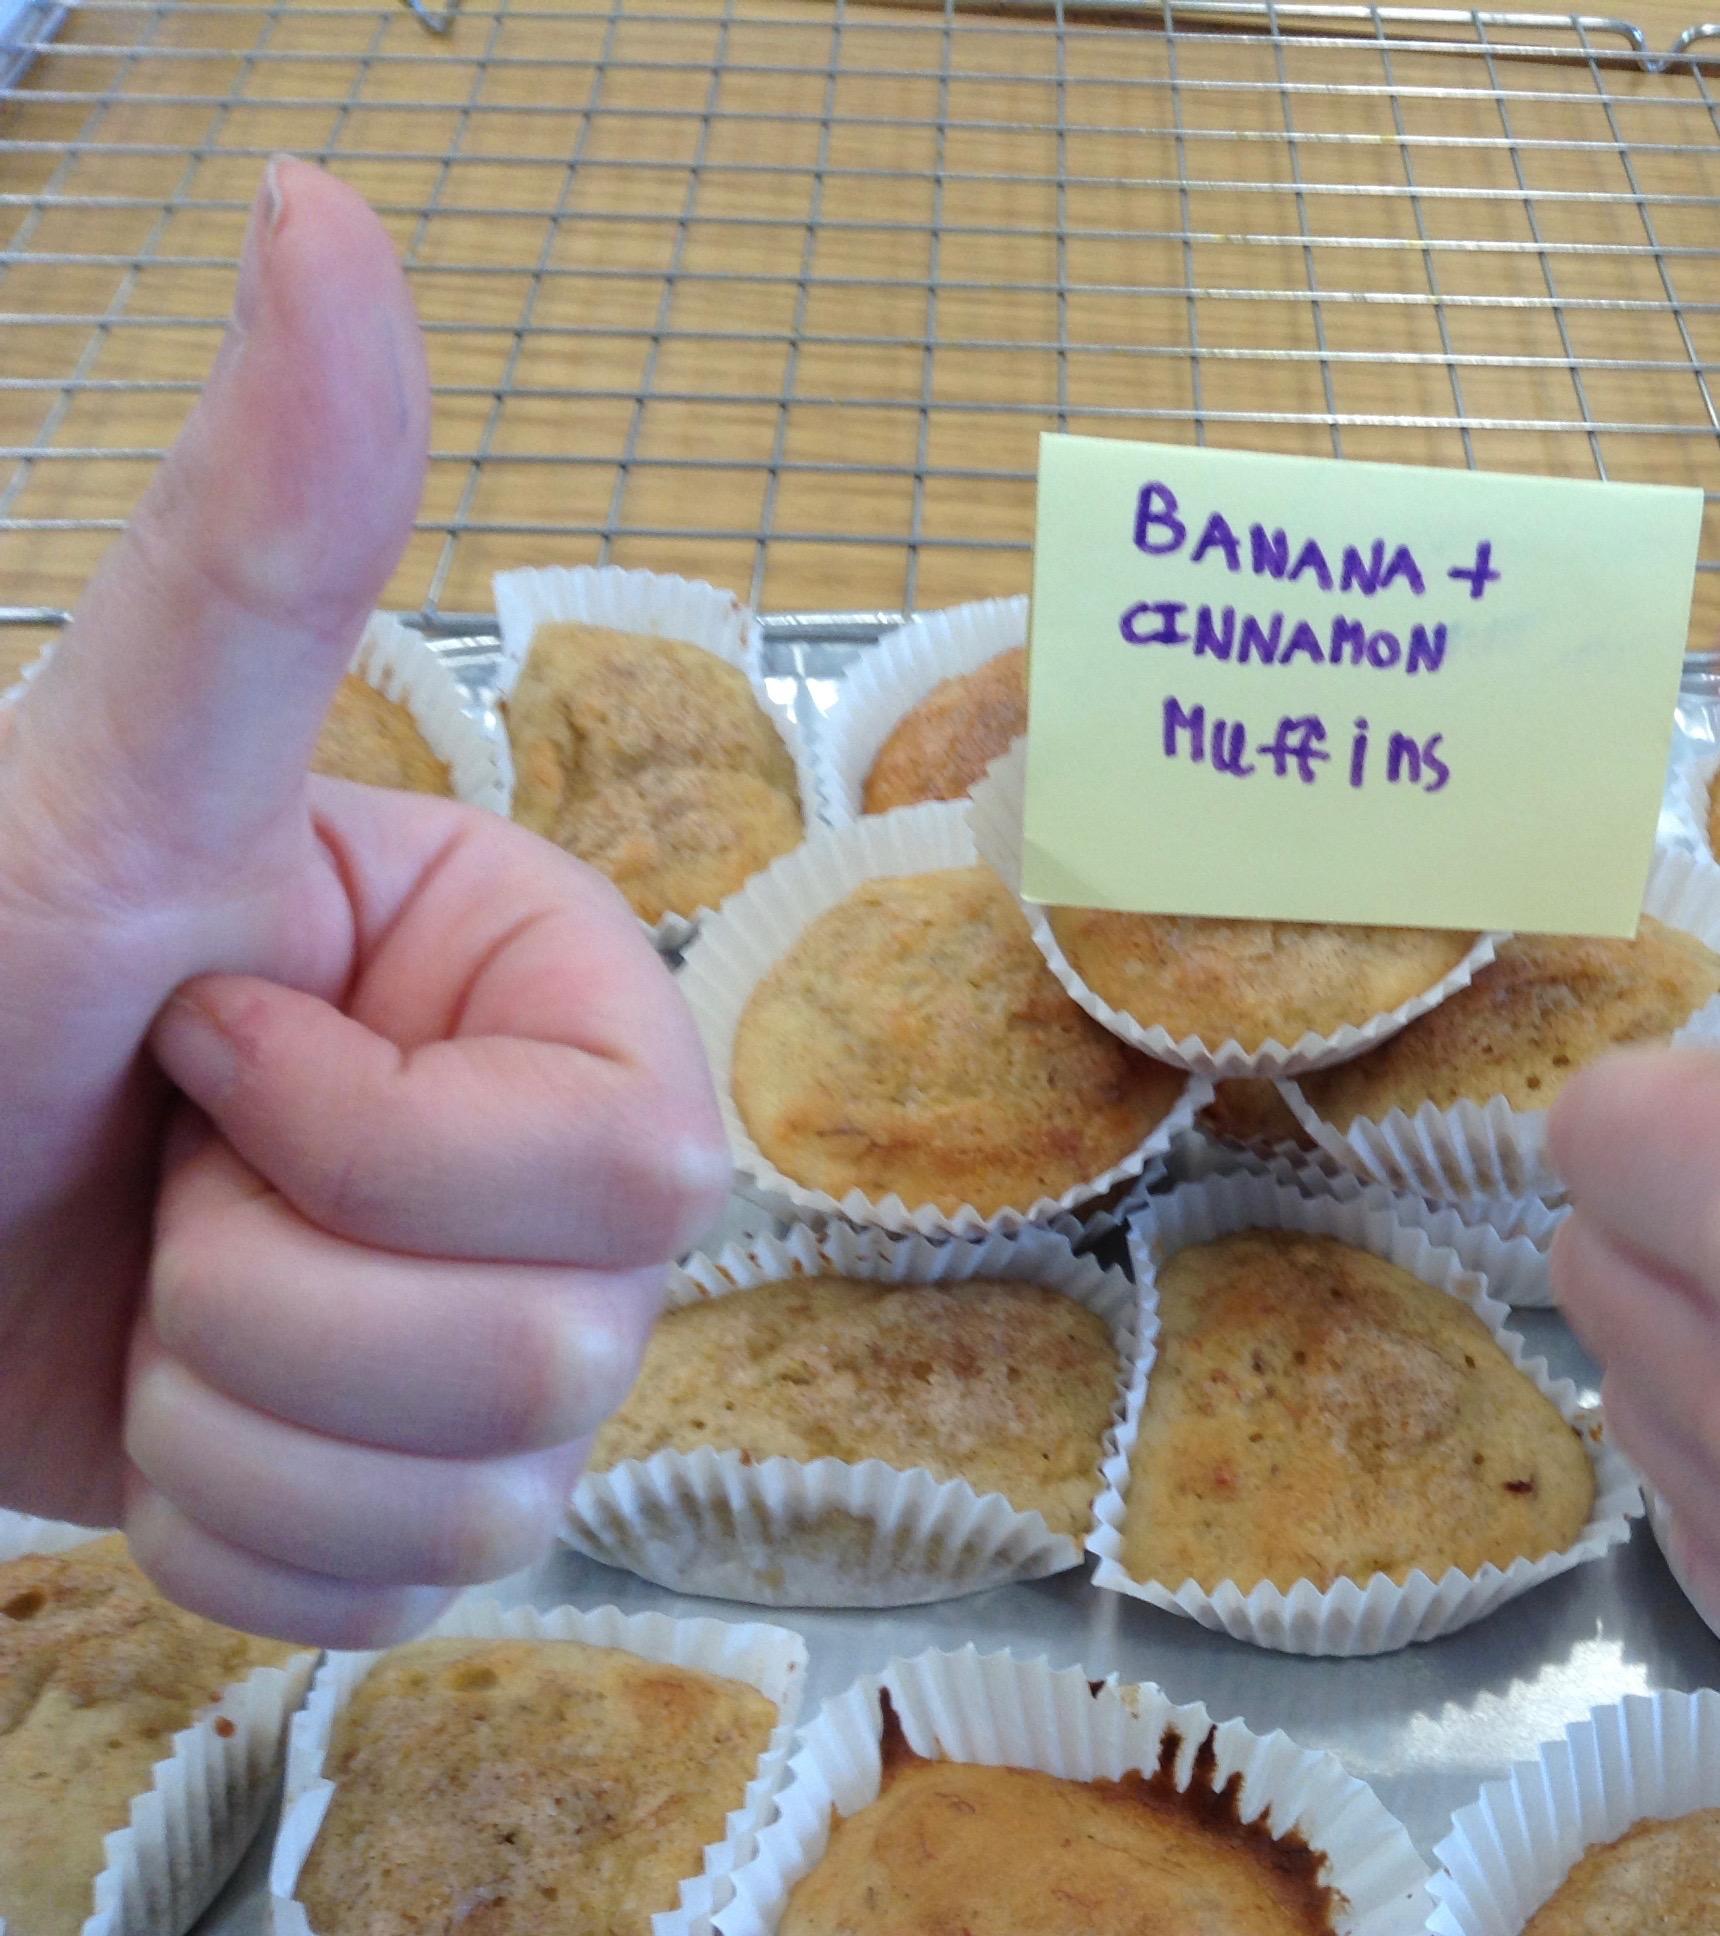 Ballasalla banana and cinnamon muffins